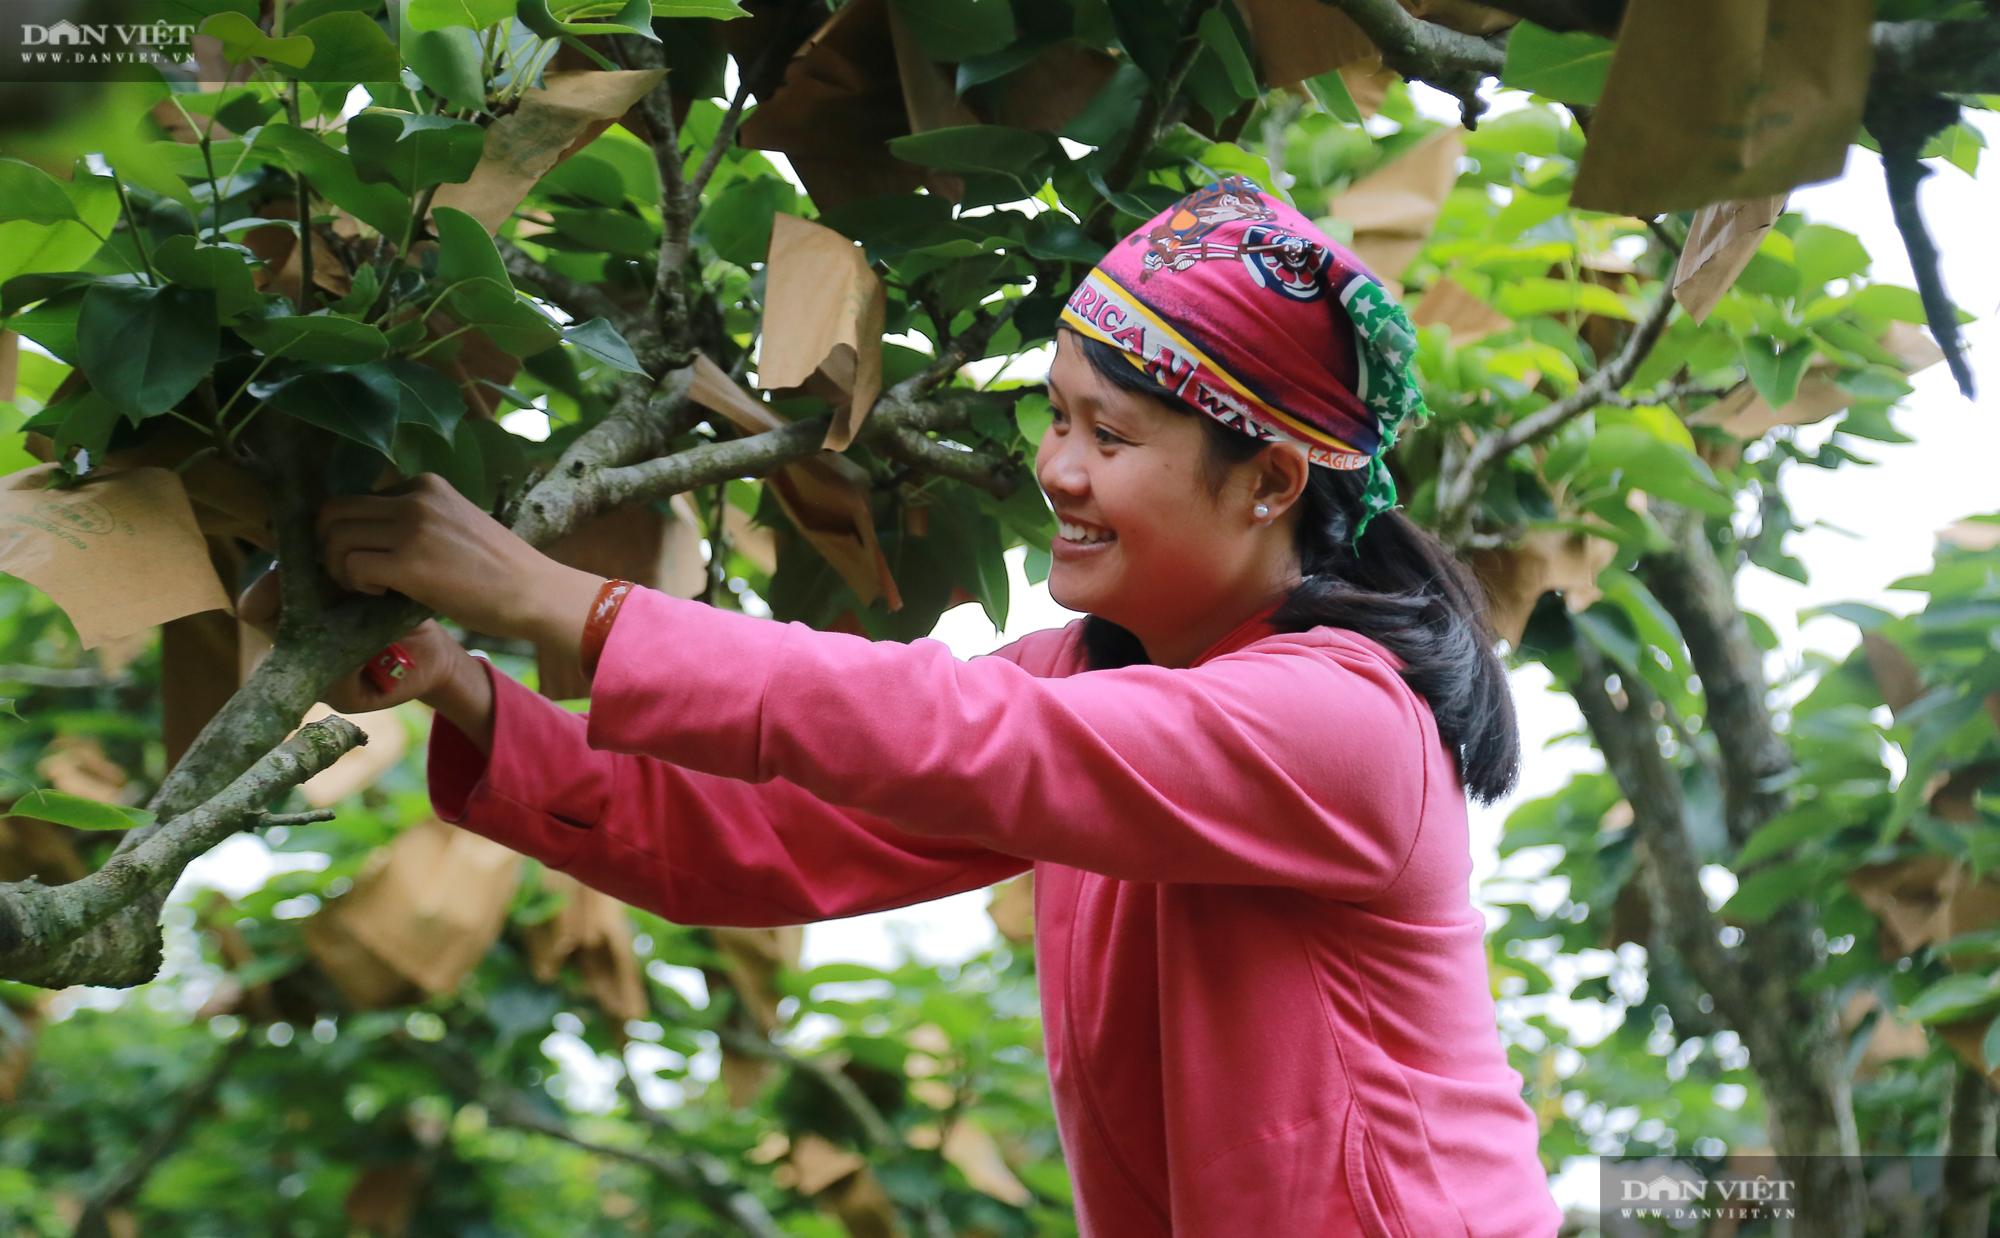 Chủ tịch Hội Nông dân Việt Nam thăm trại nghiên cứu cây ăn quả đặc sản ở biên giới - Ảnh 5.